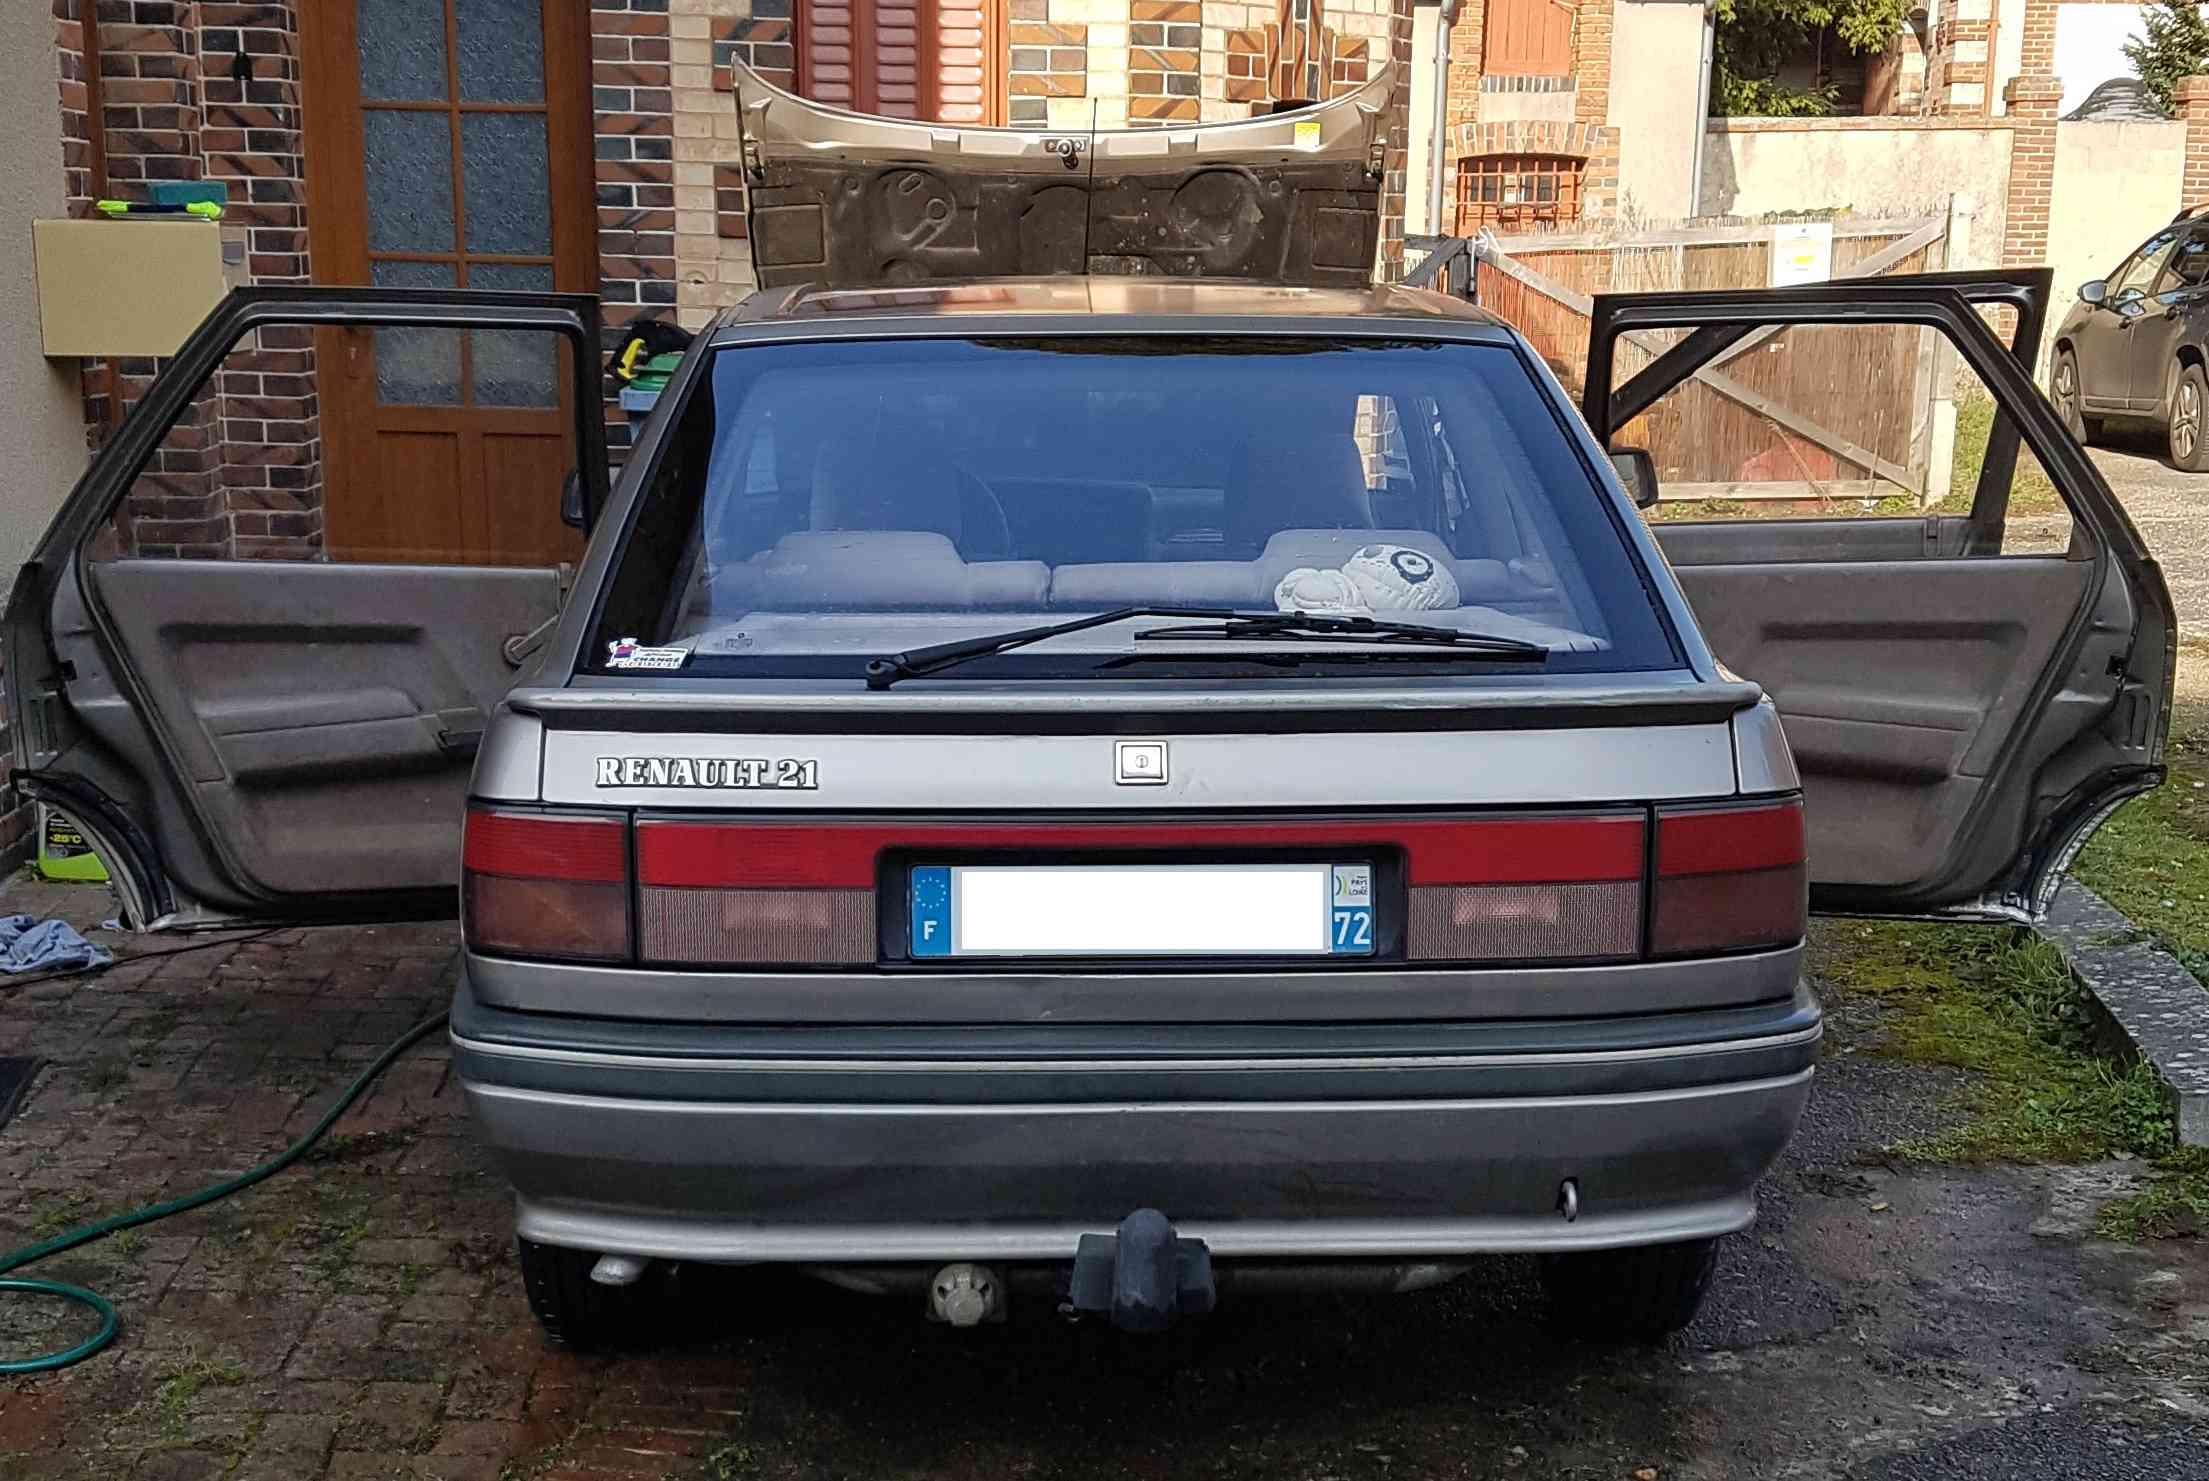 [LAGUNA GT] Renault R21 GTD 1991 + Bandit 650N GSF R2110